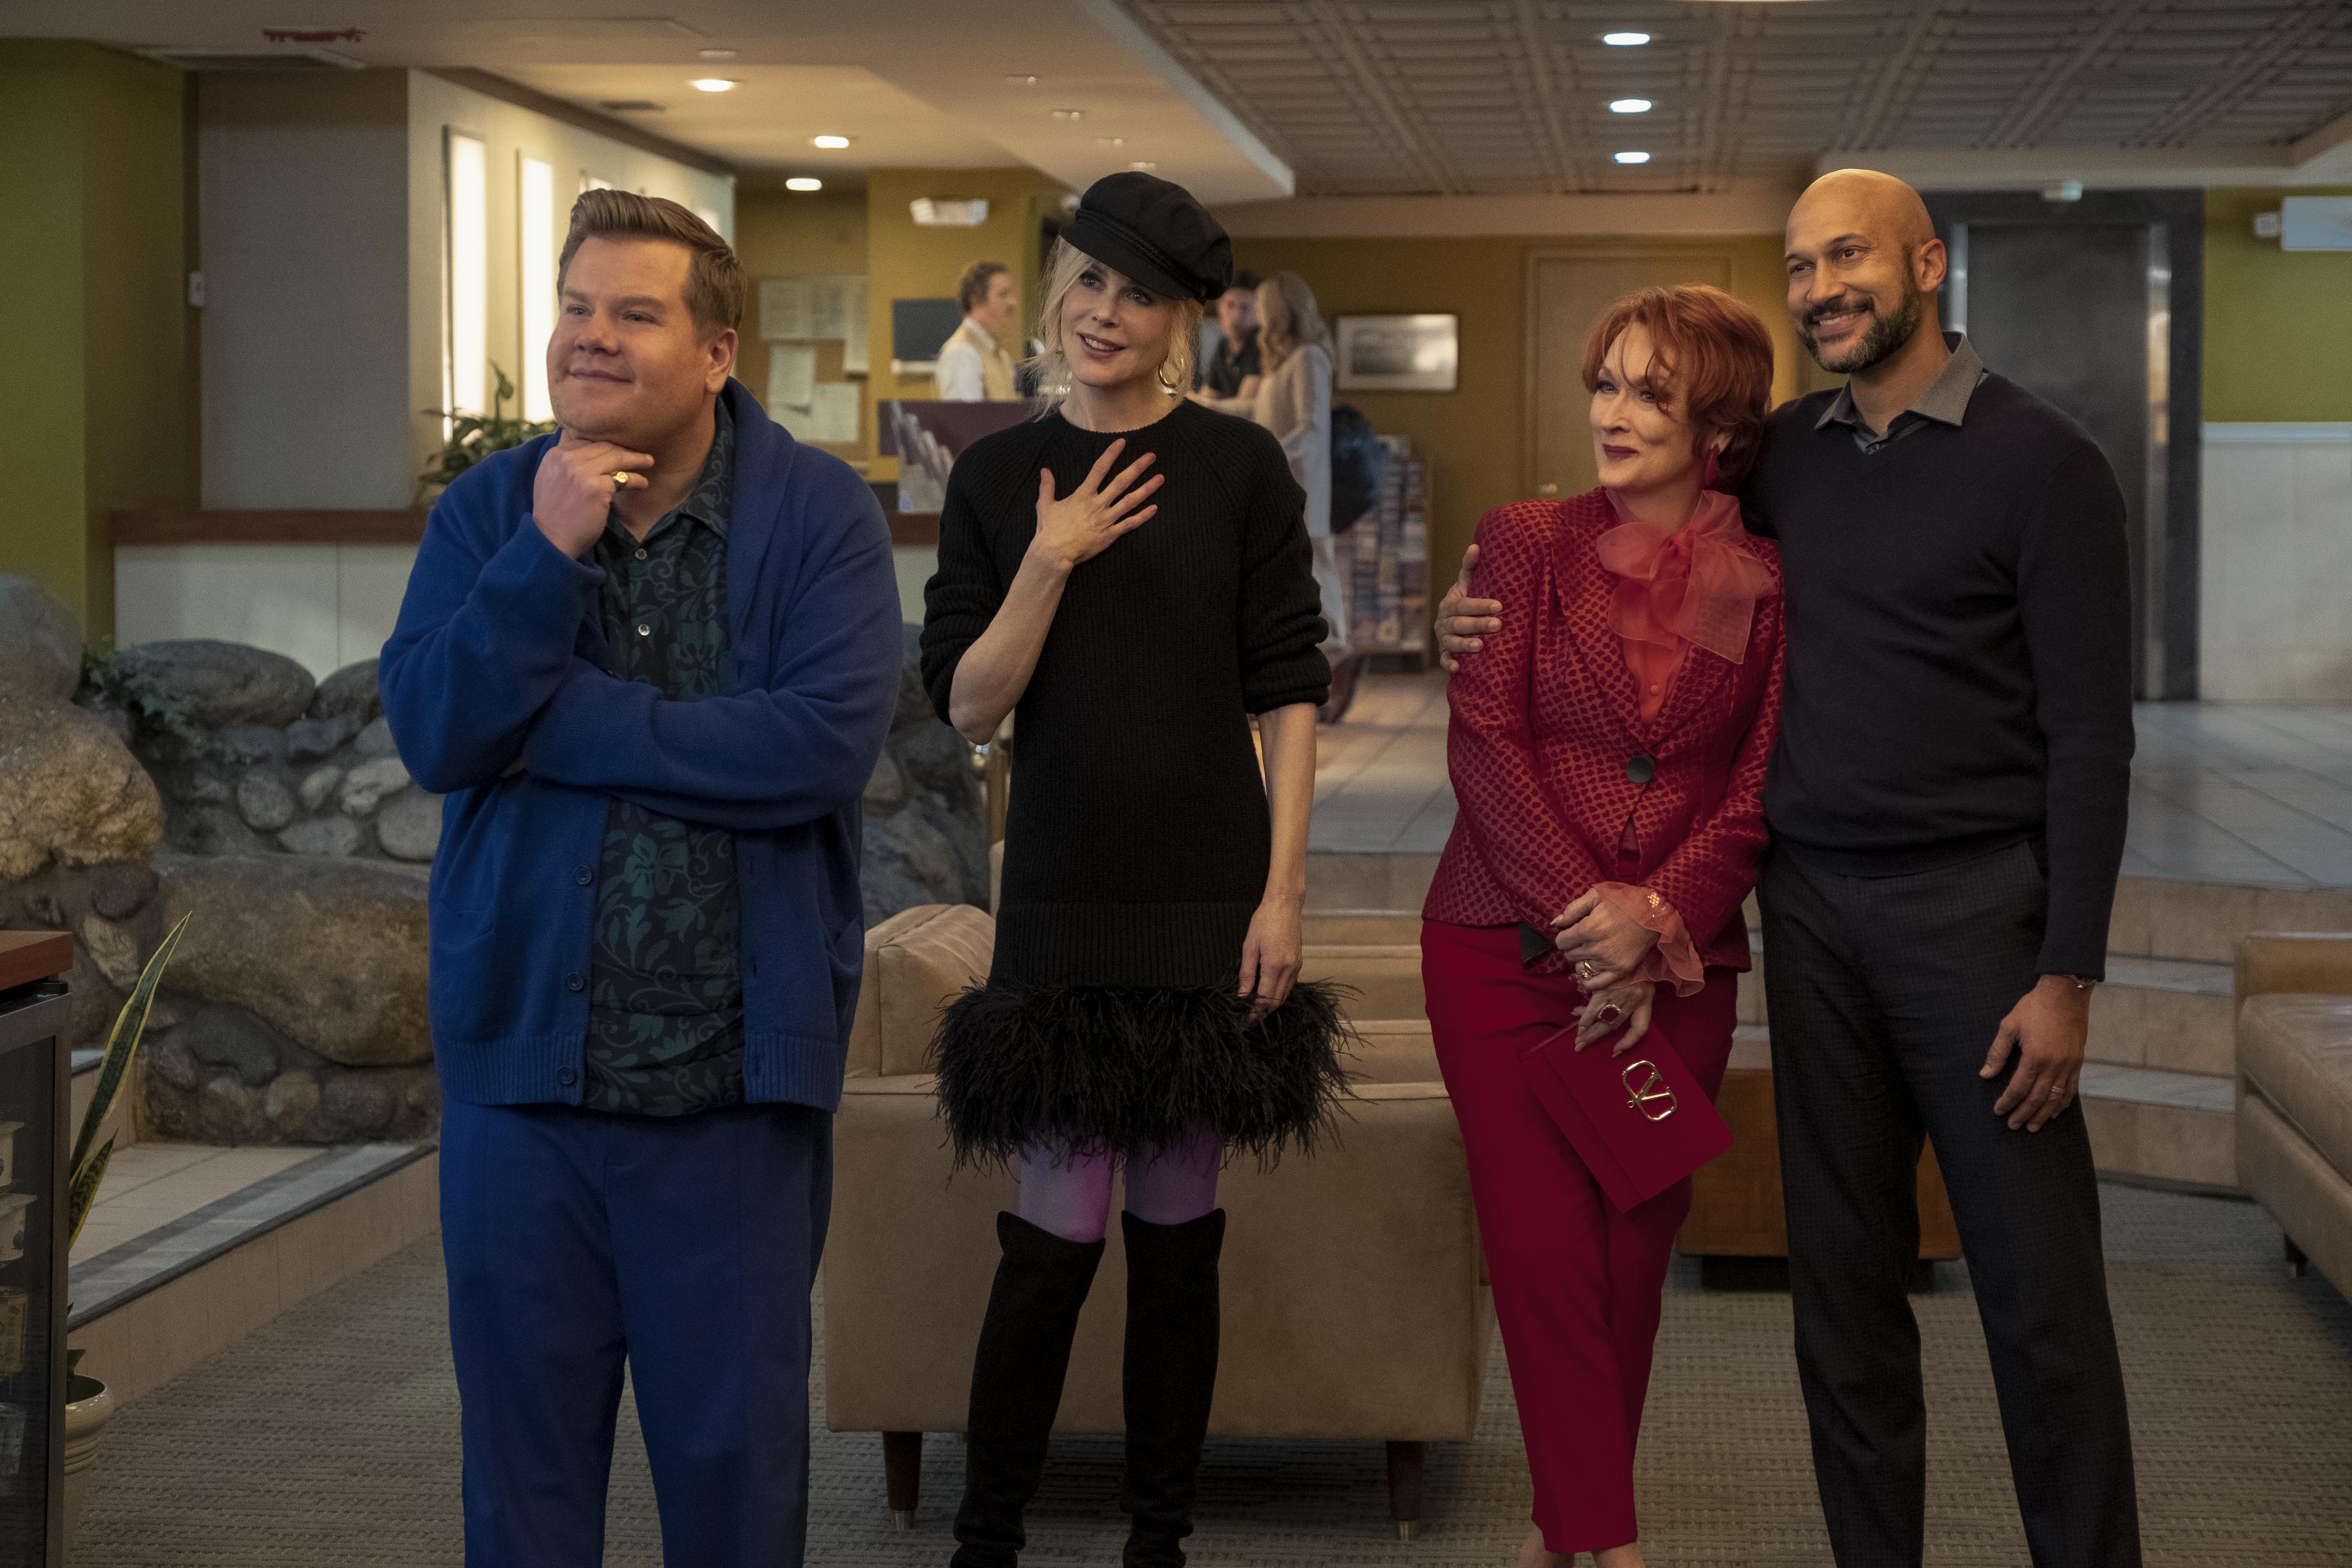 Netflix divulga o trailer de A Festa de Formatura, com Meryl Streep, Nicole Kidman e James Corden